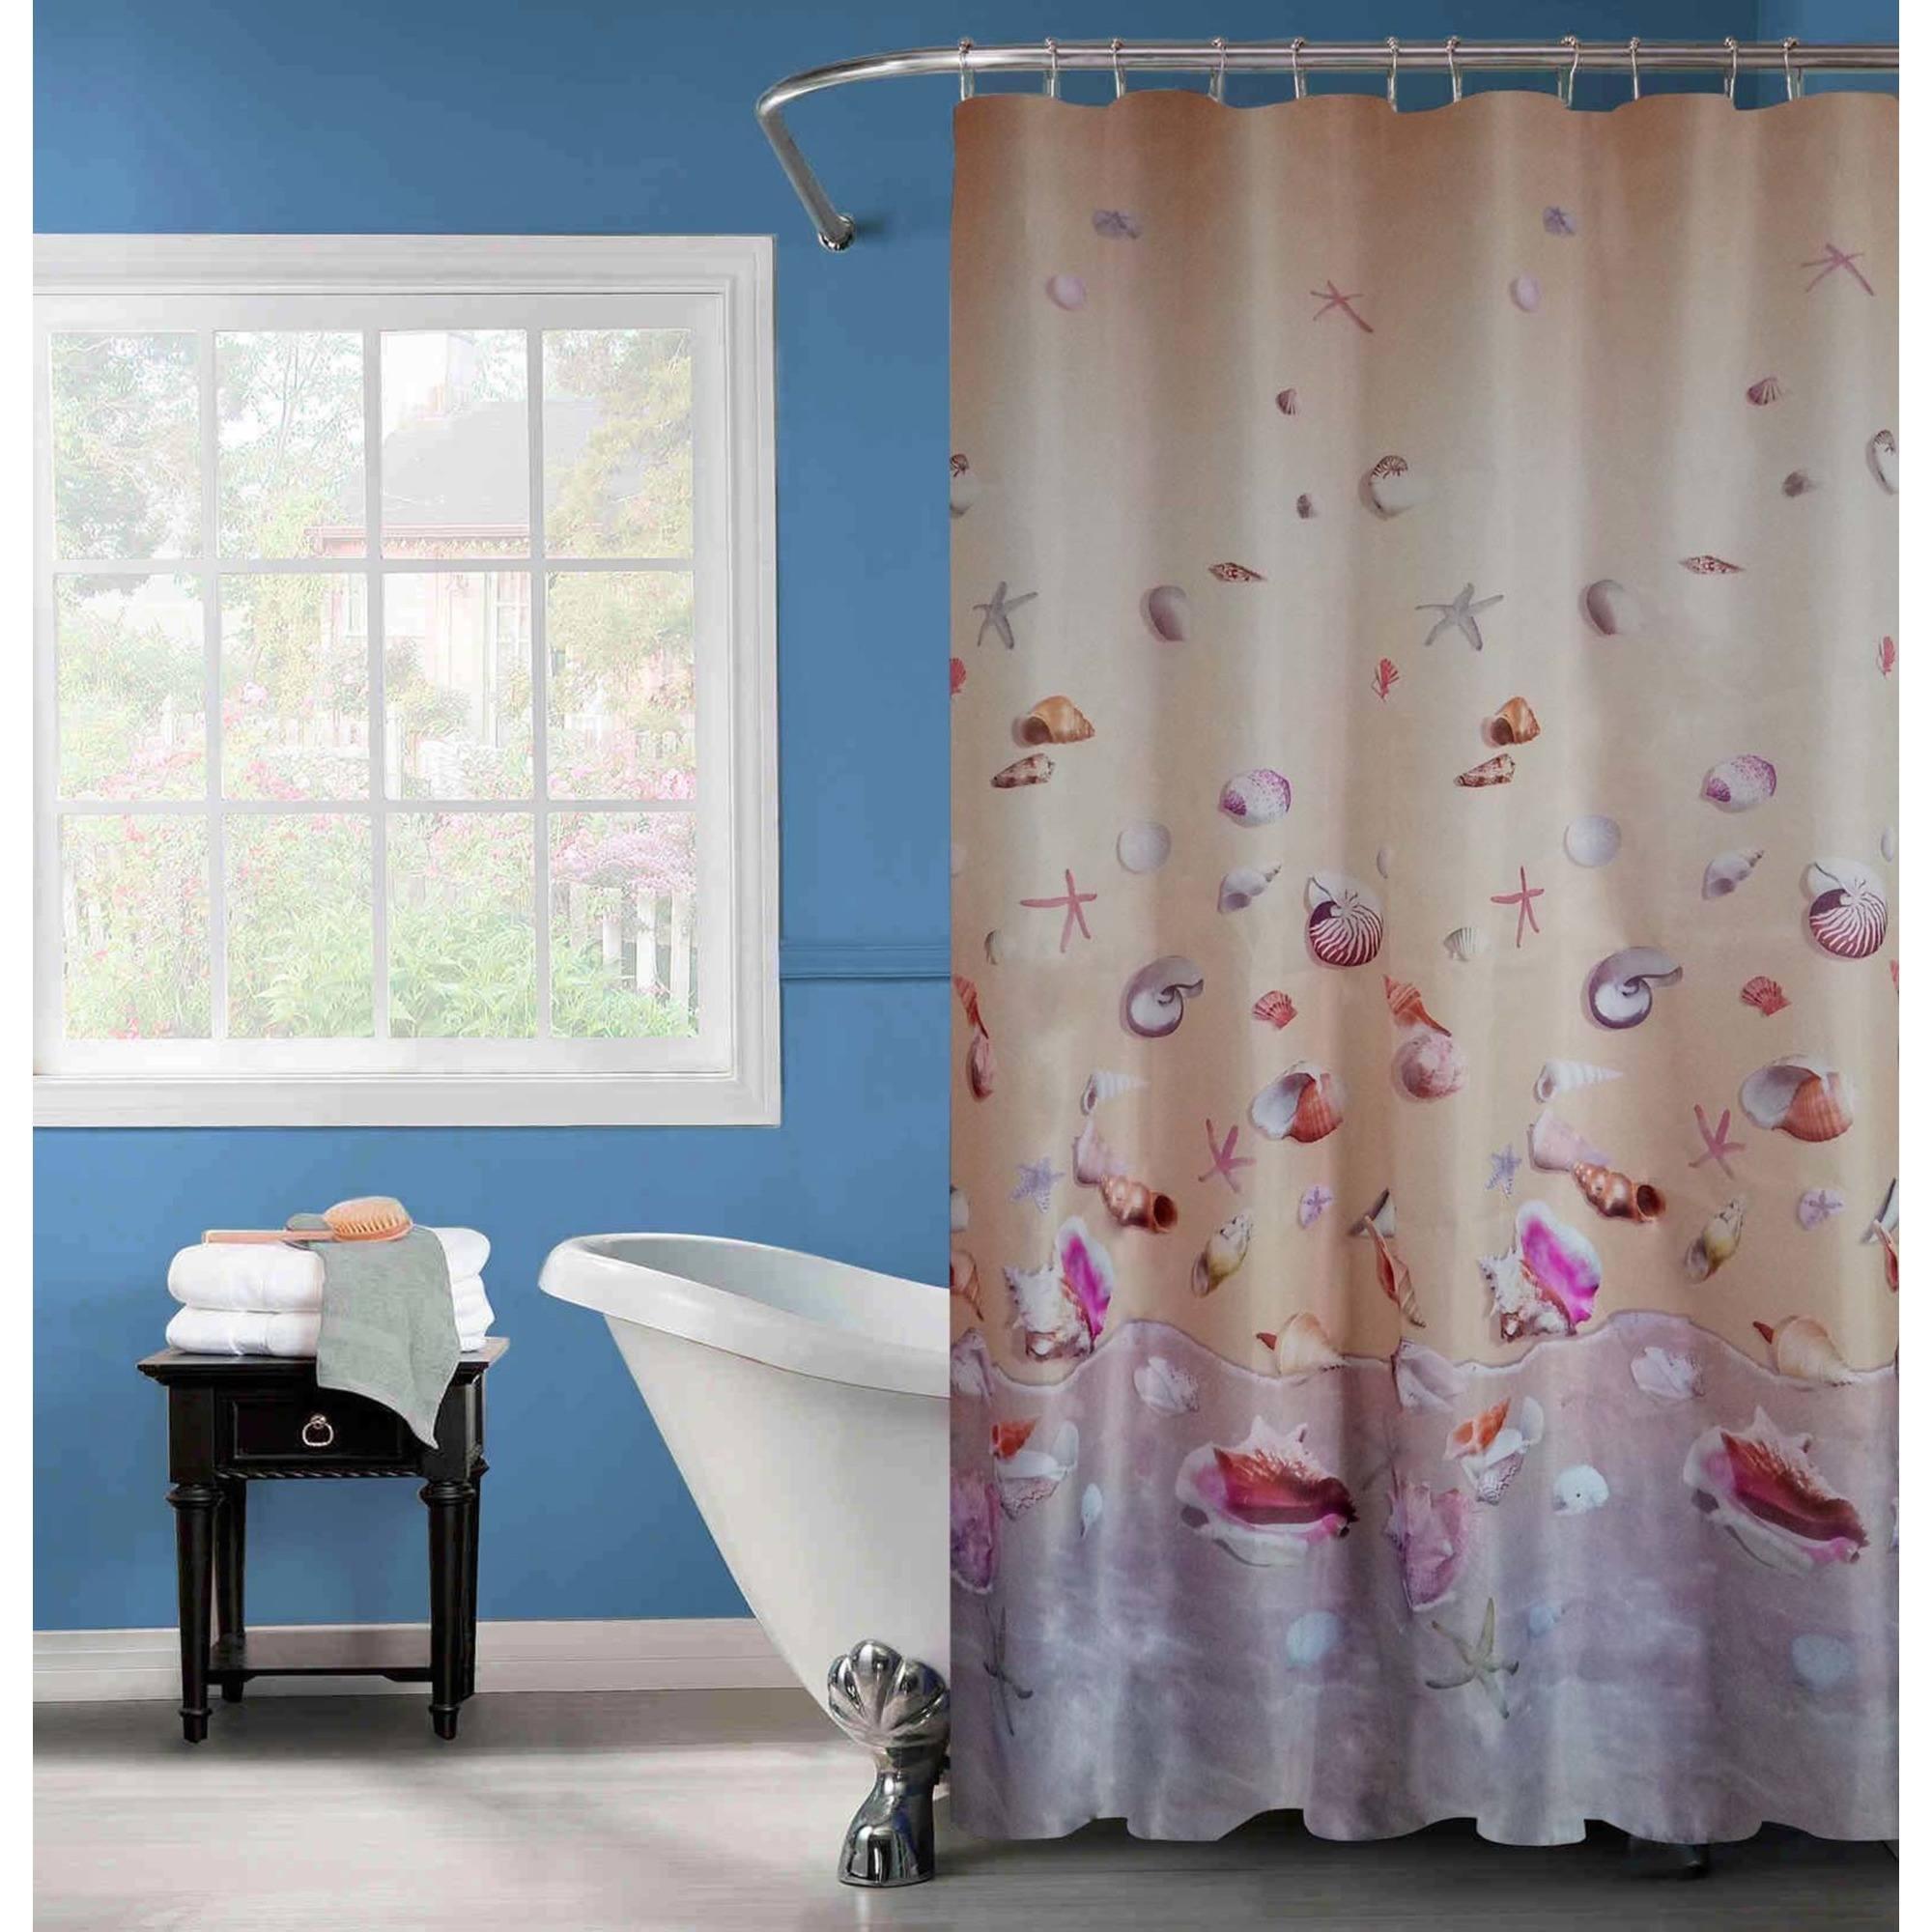 Штора для ванной - 115 фото идеи безупречных вариантов применения штор в ванную